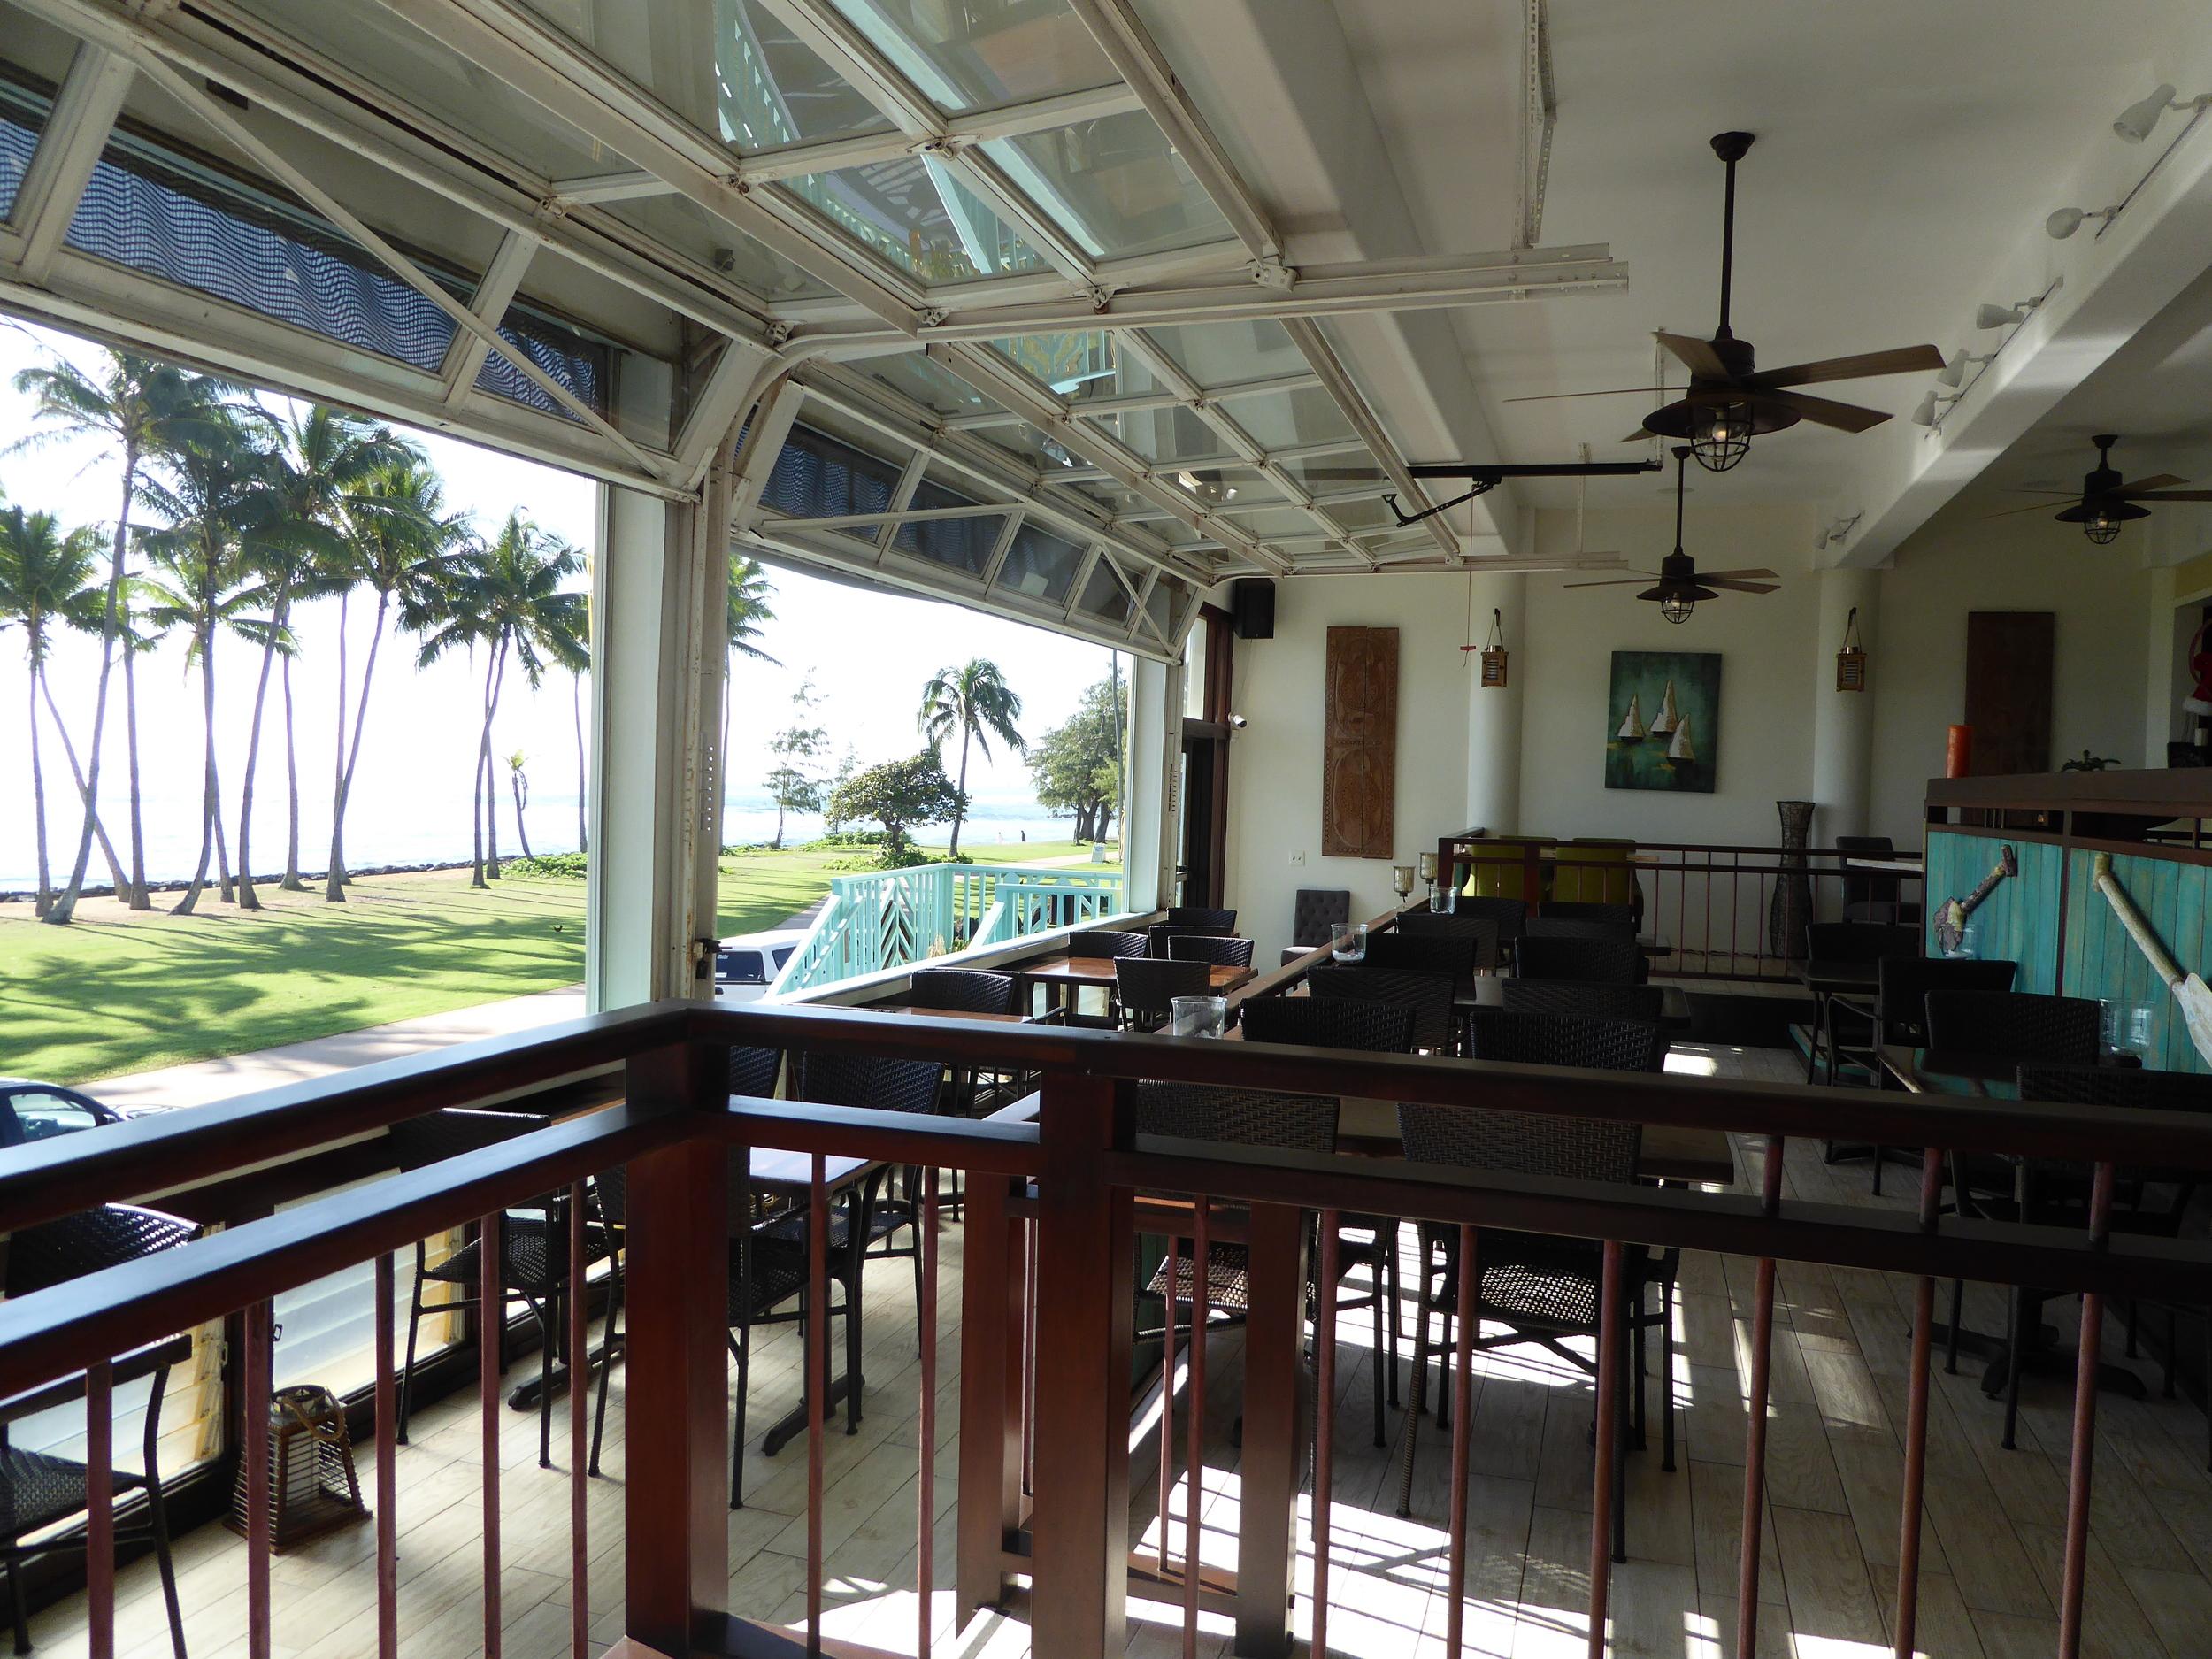 Inside Restauarant.jpg